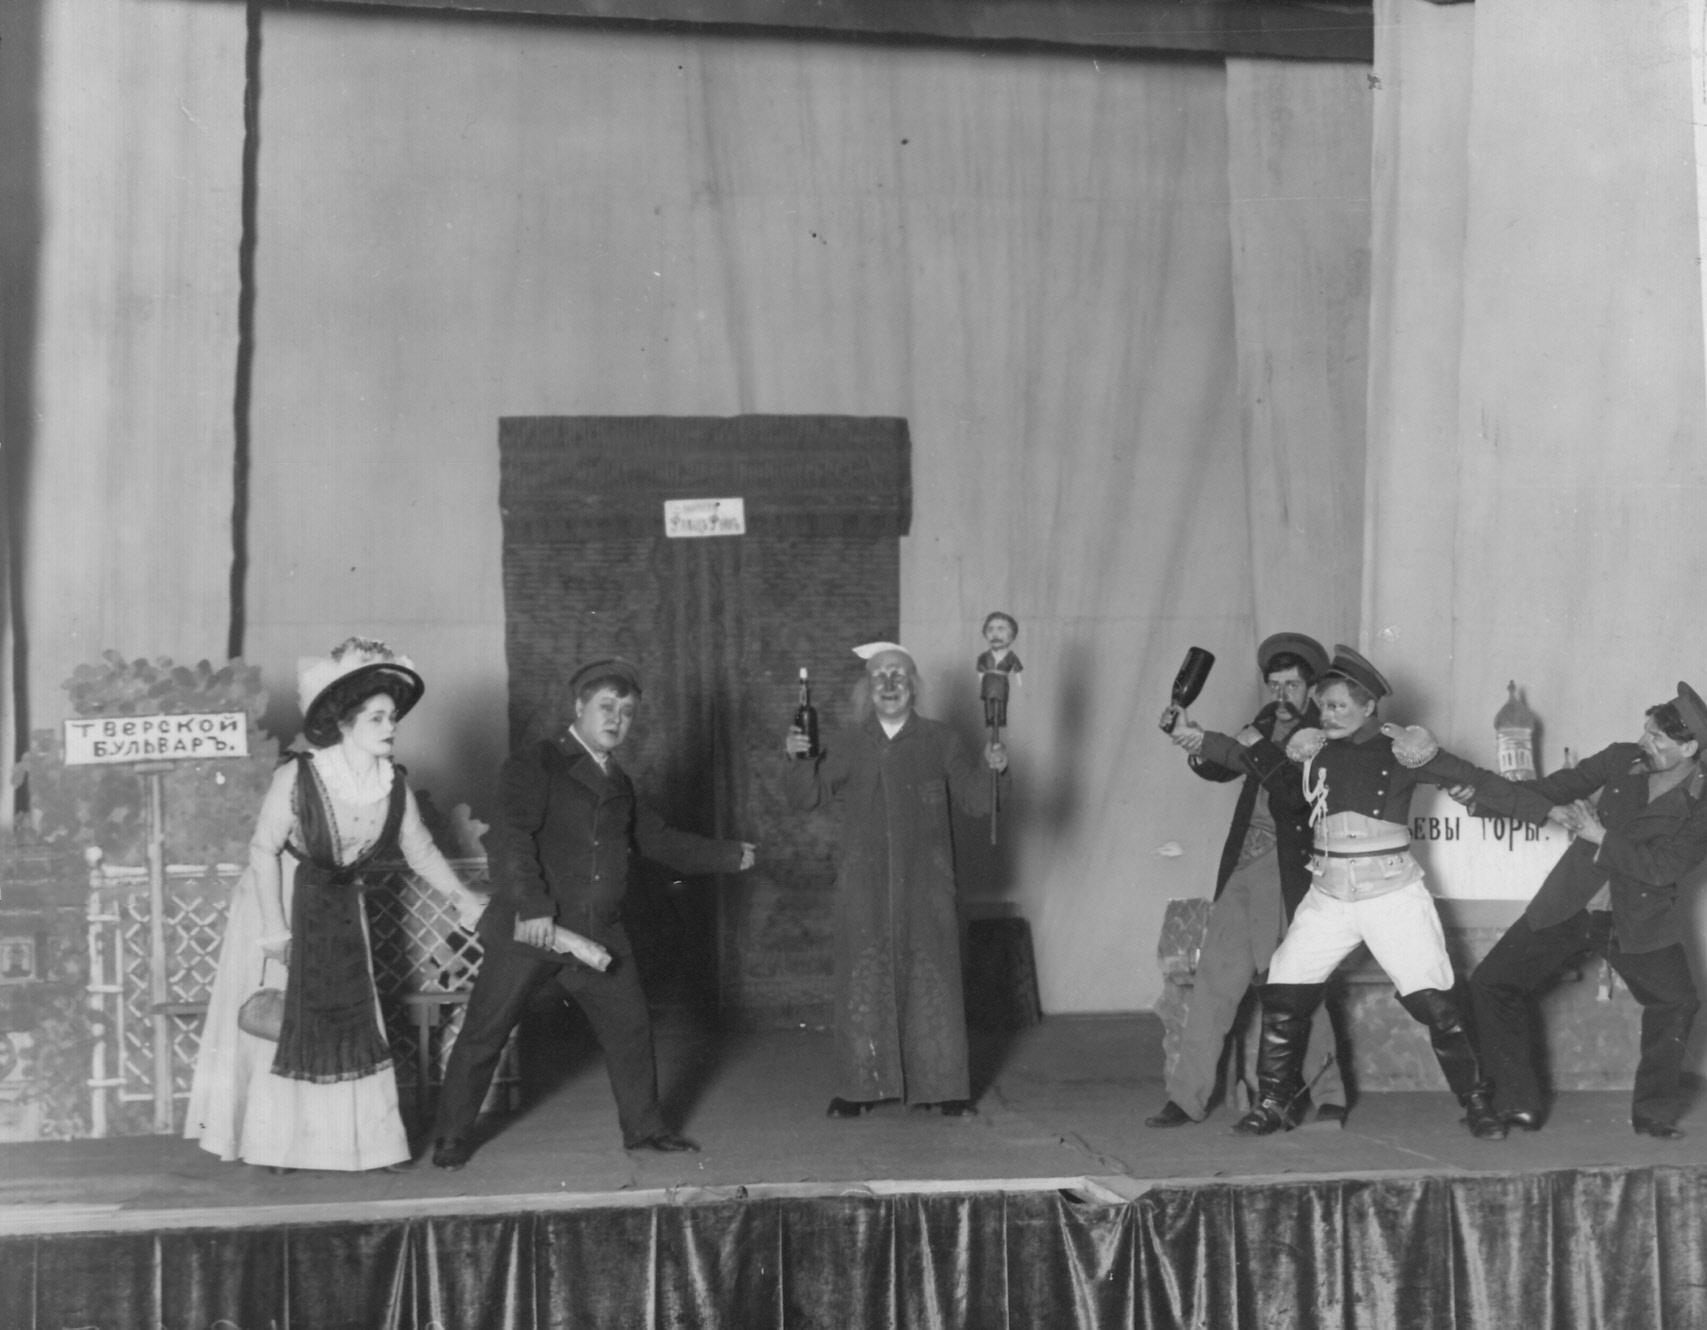 1908. Обозрение в театре Кривое зеркало.